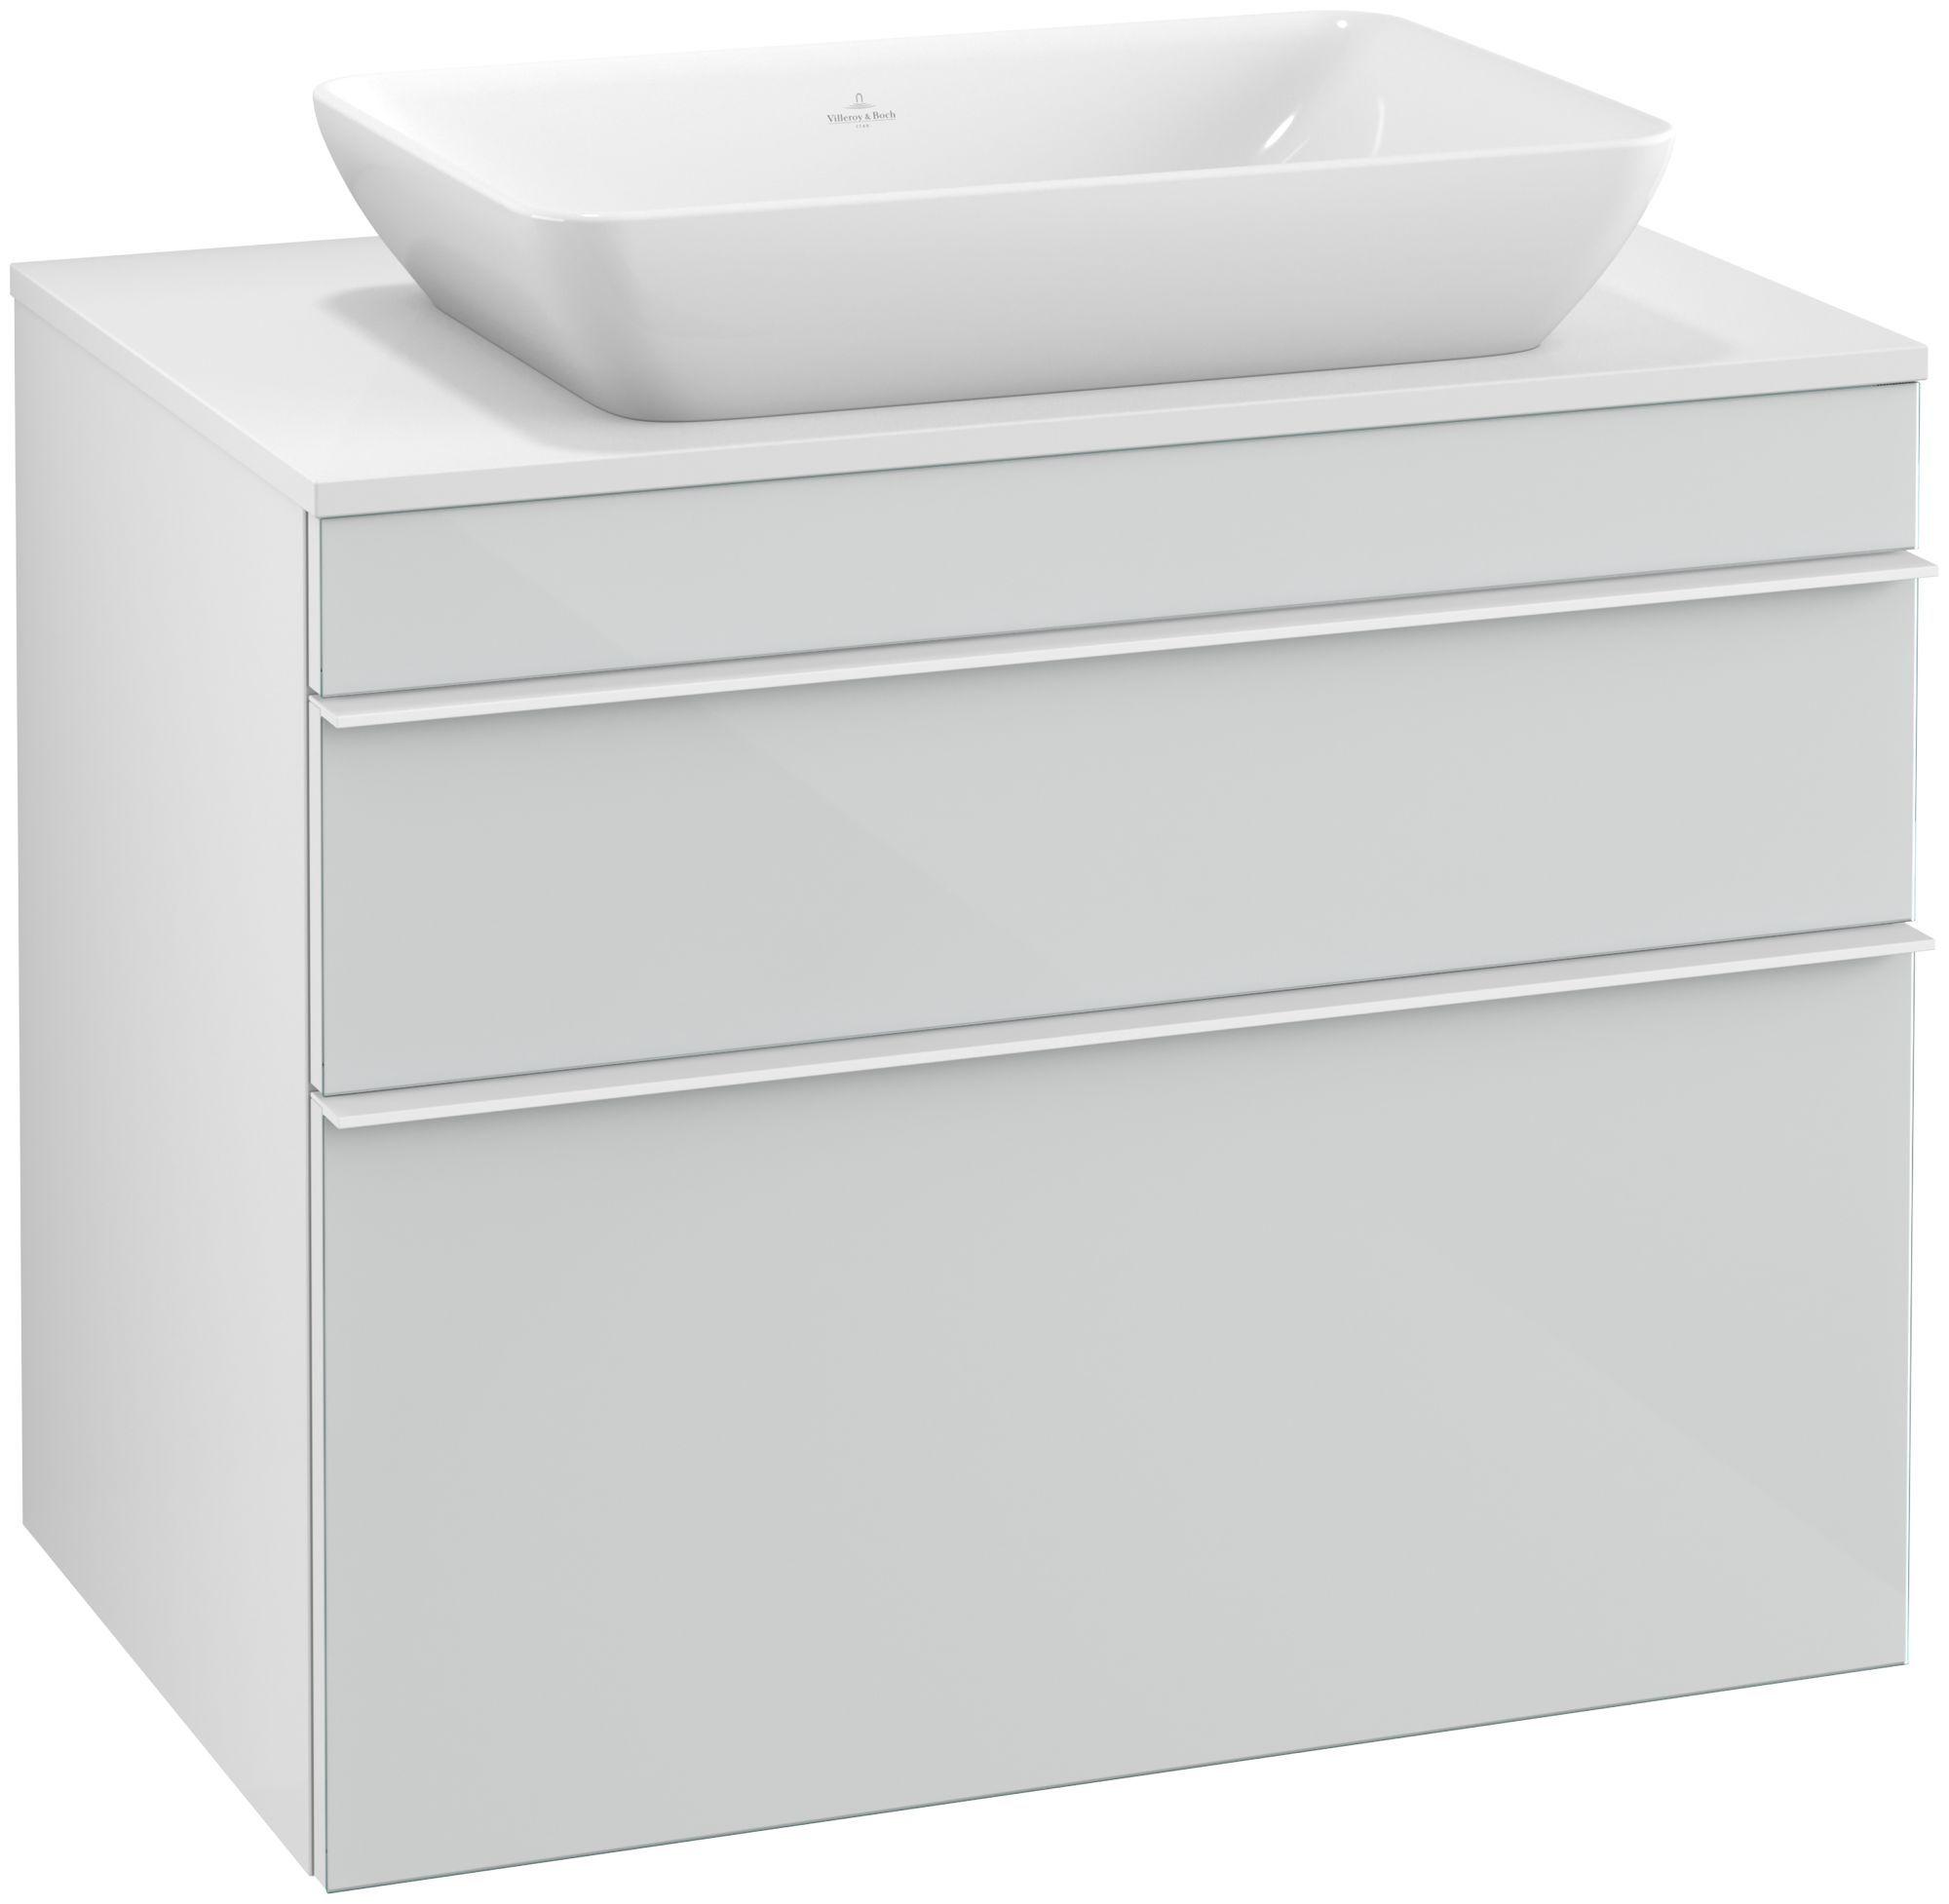 Villeroy & Boch Venticello Waschtischunterschrank für Waschtisch mittig 2 Auszüge B:75,7xH:43,6xT:50,2cm Glas glossy white Griffe white Griffe weiß A94002RE